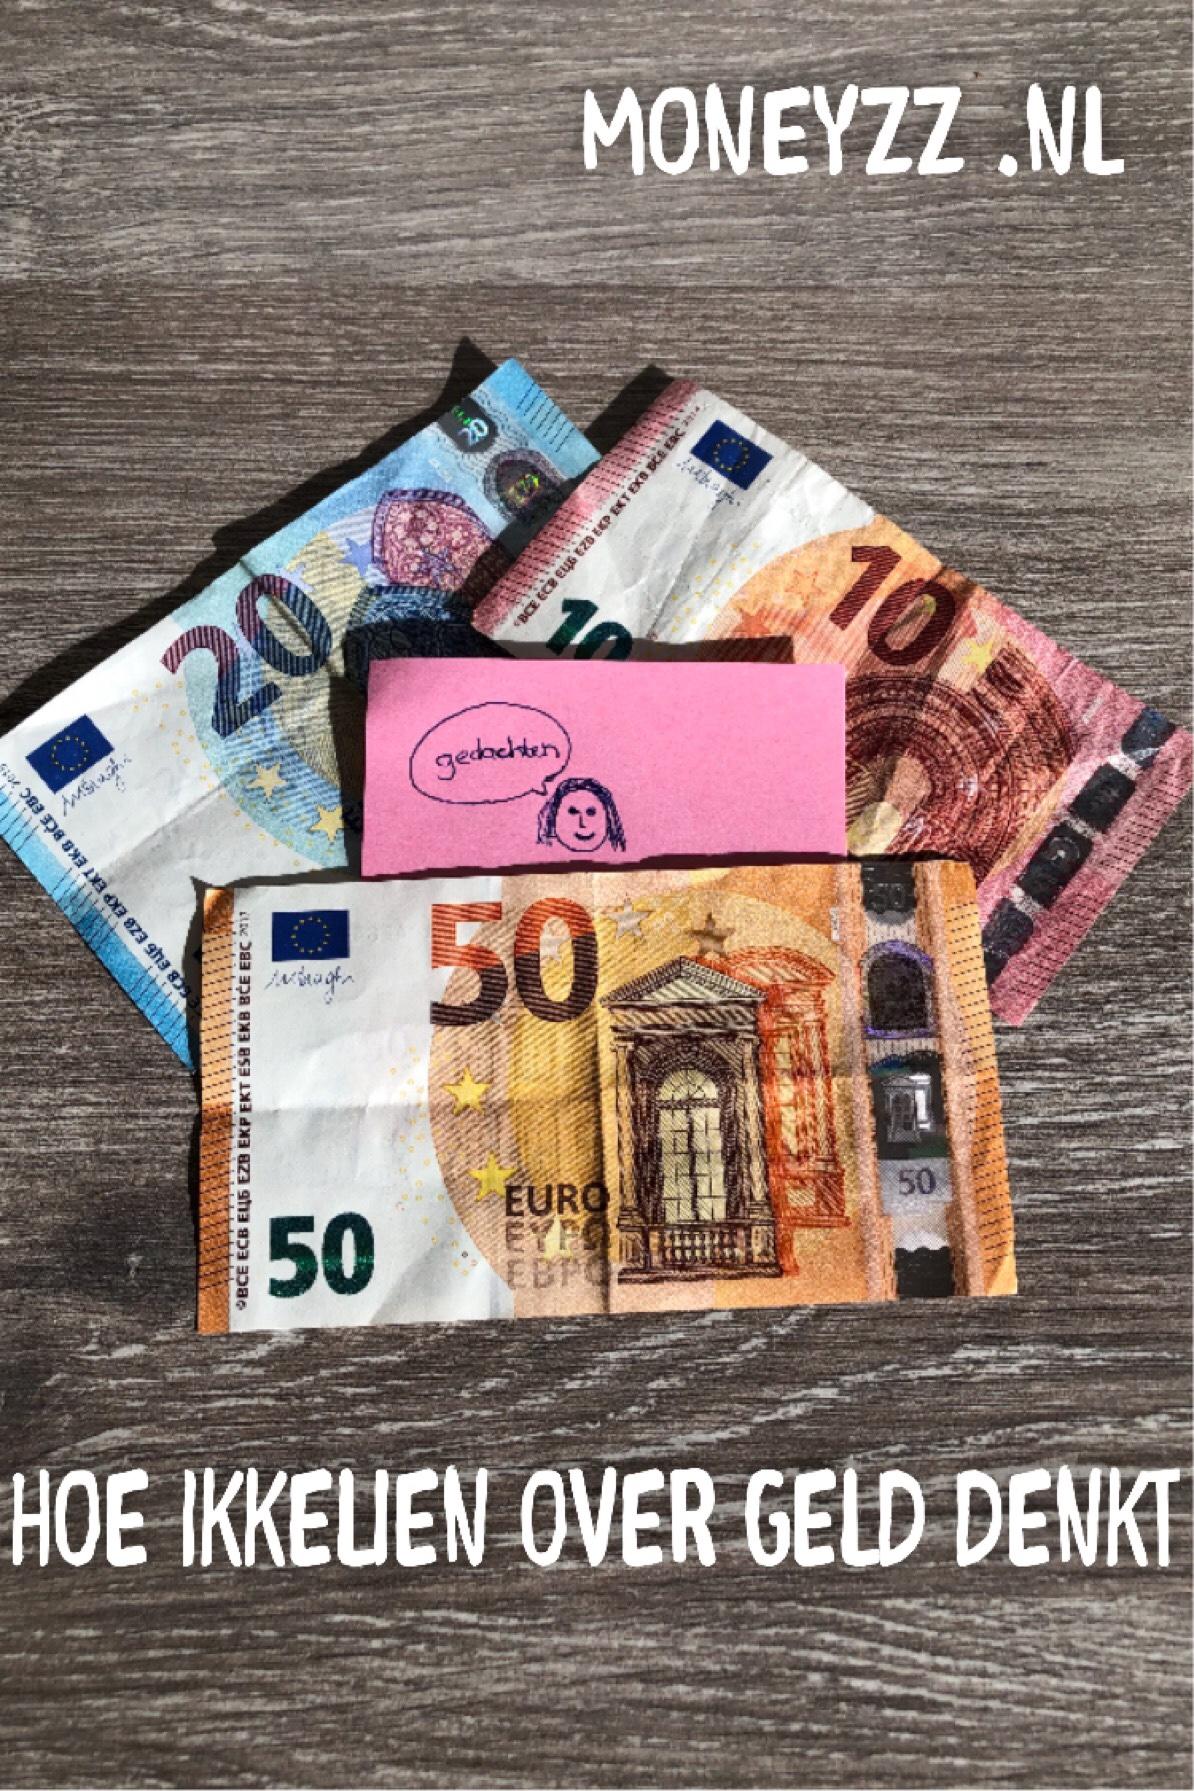 Hoe Ikkelien over geld denkt